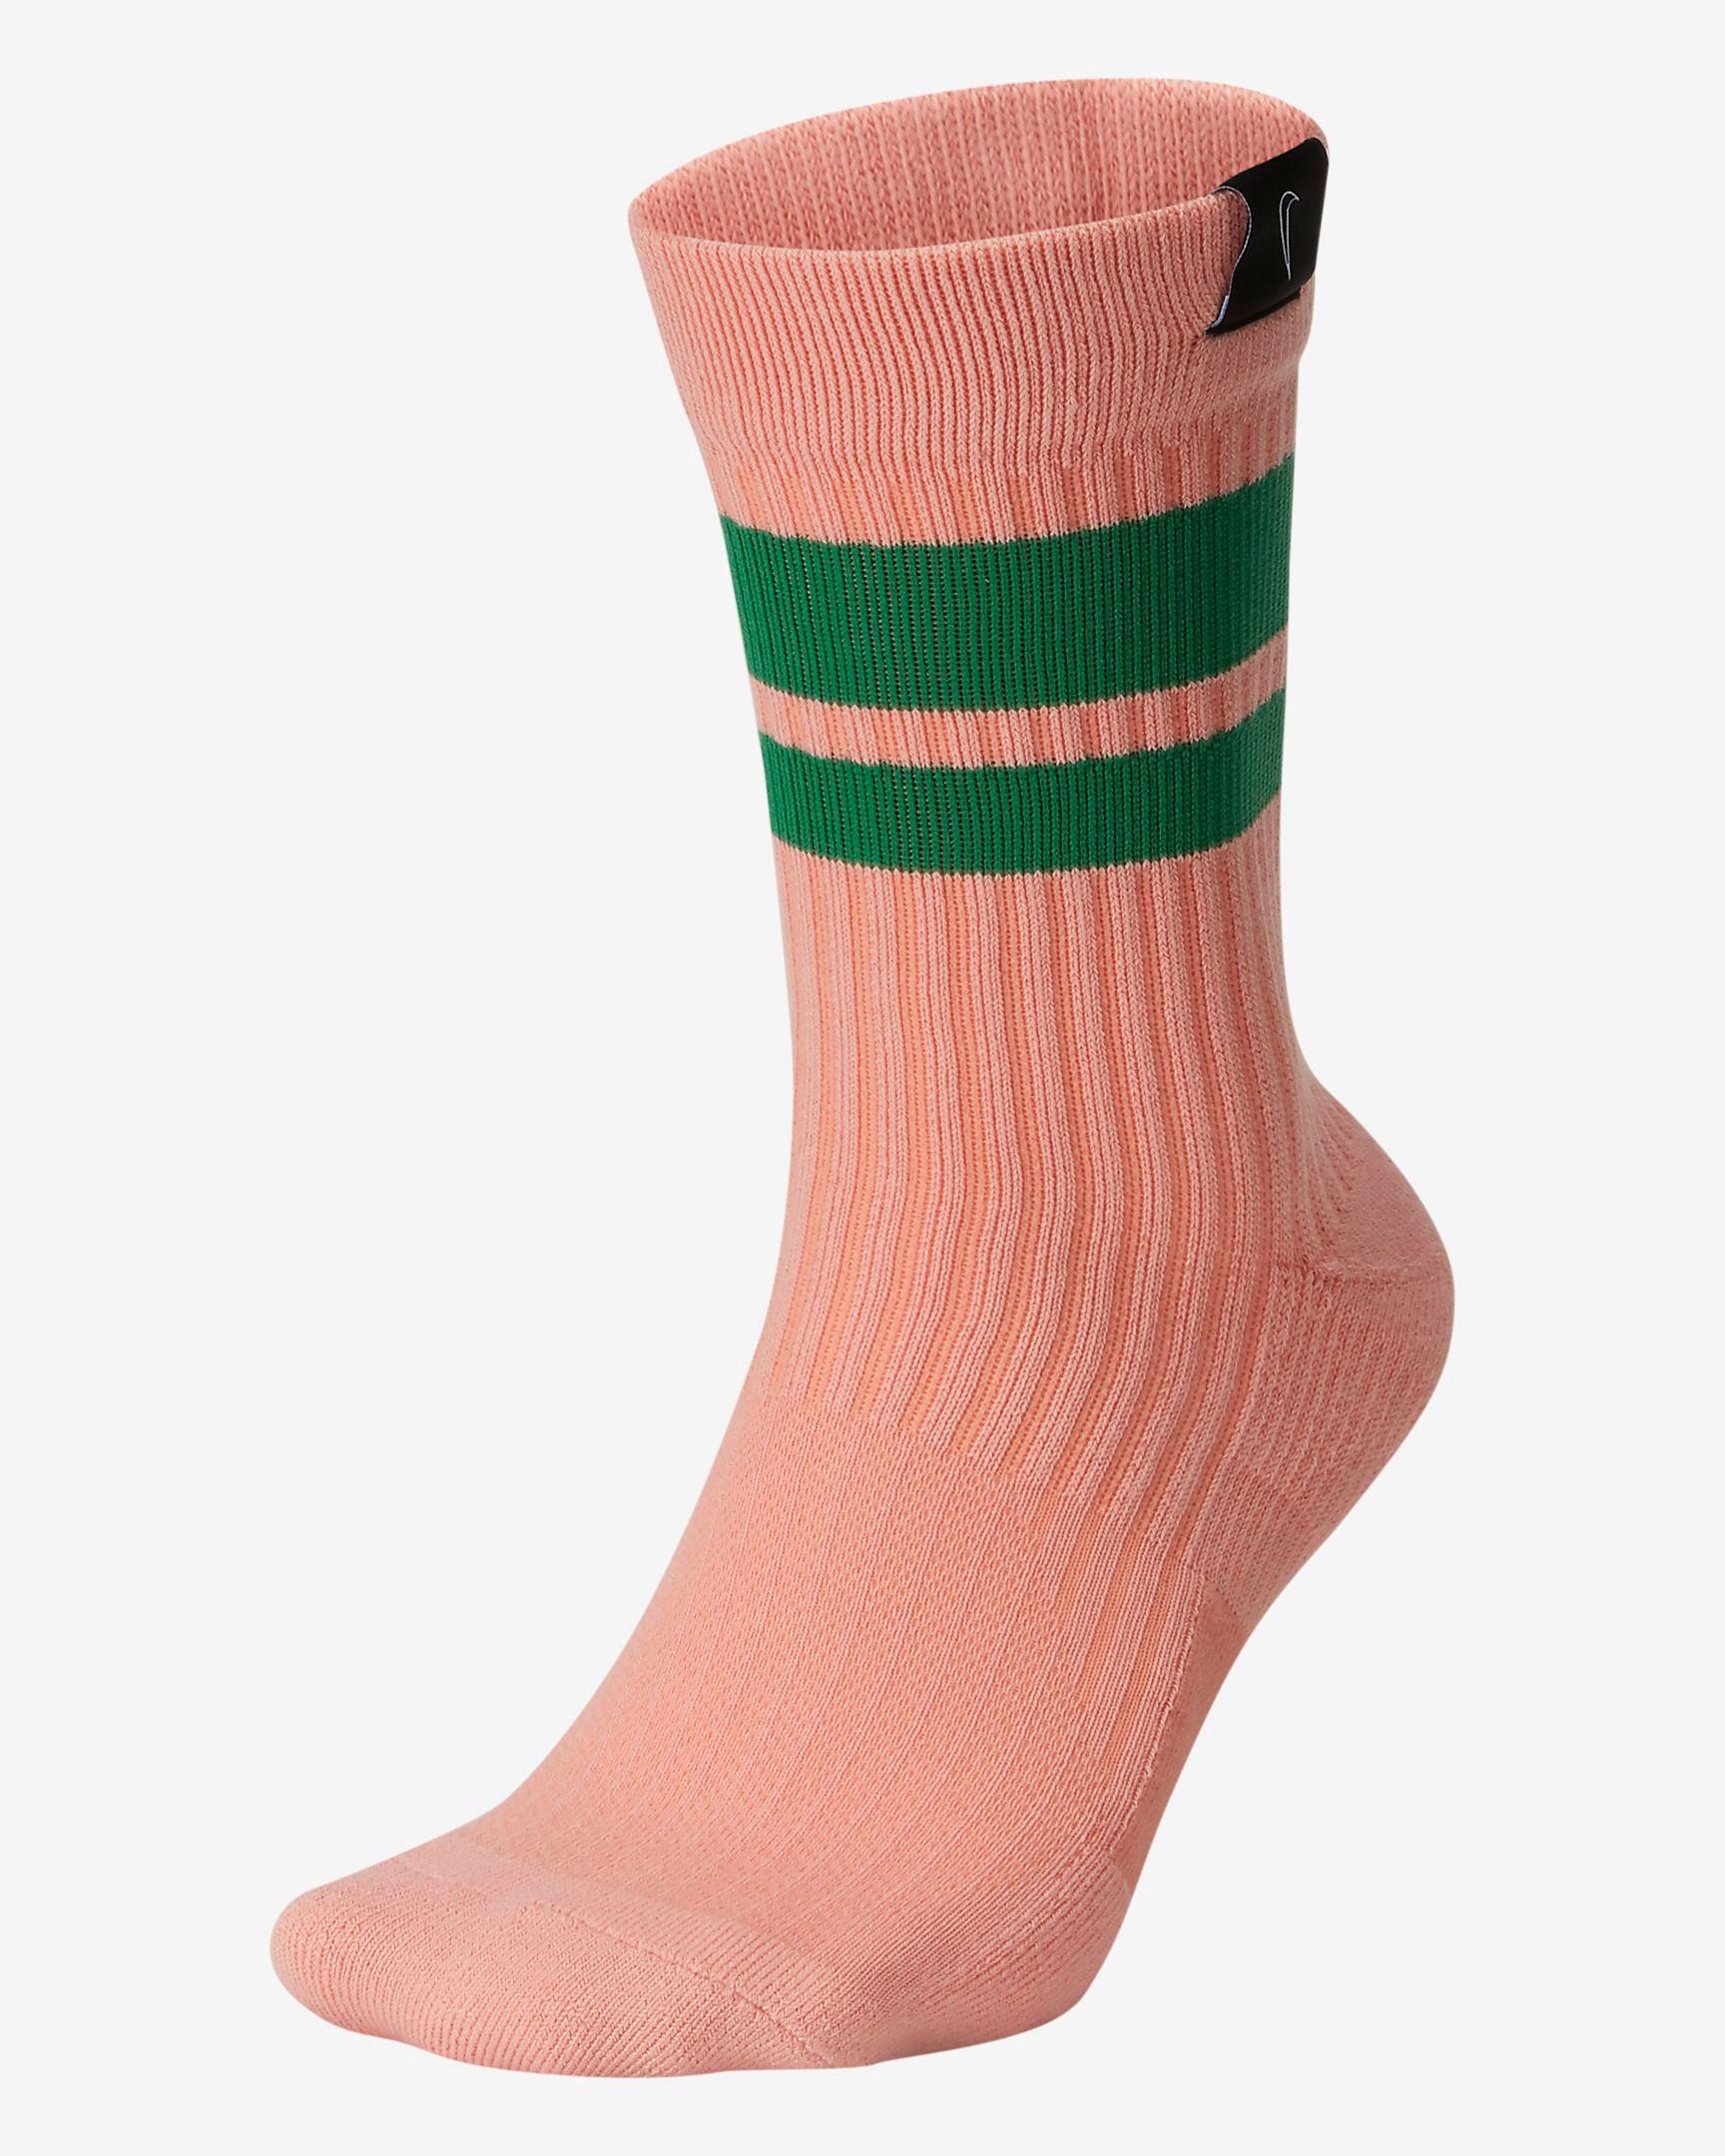 nike-kyrie-6-concepts-khepri-socks-match